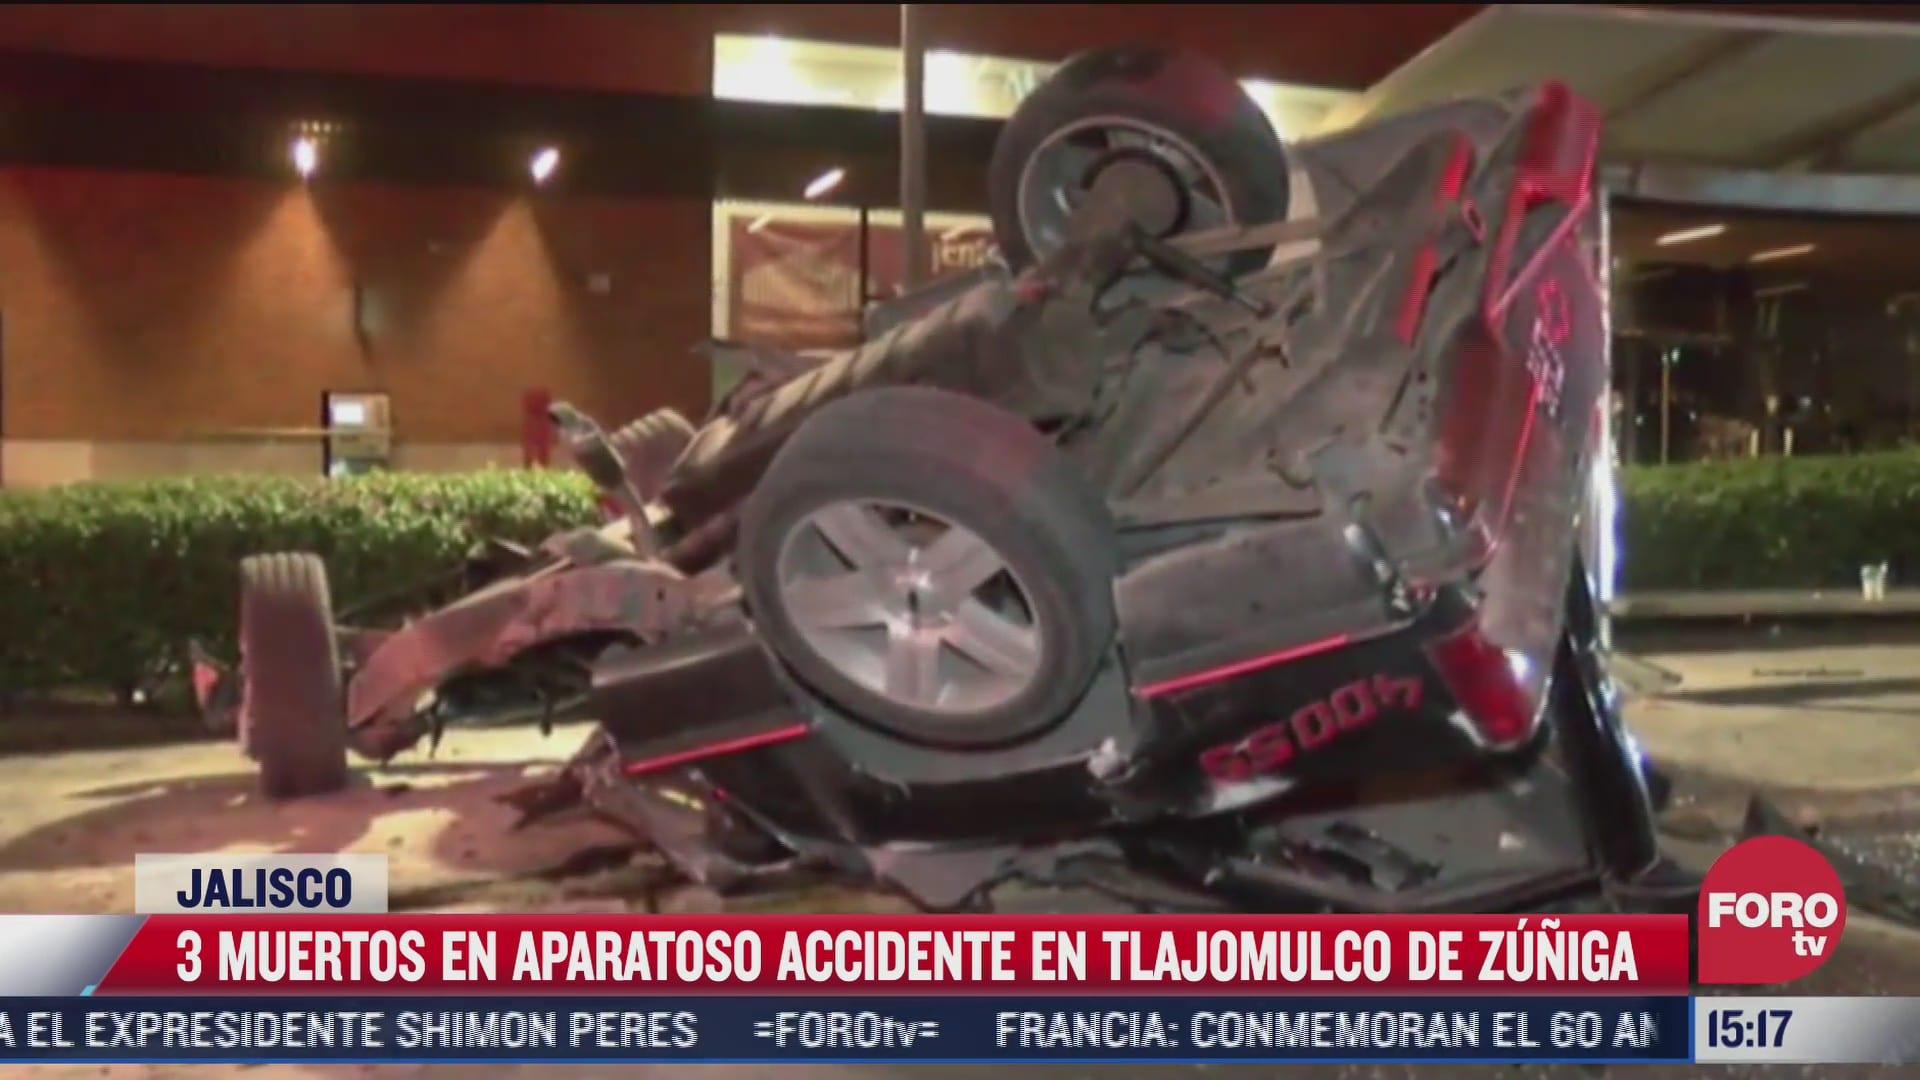 tres muertos deja un aparatoso accidente en jalisco